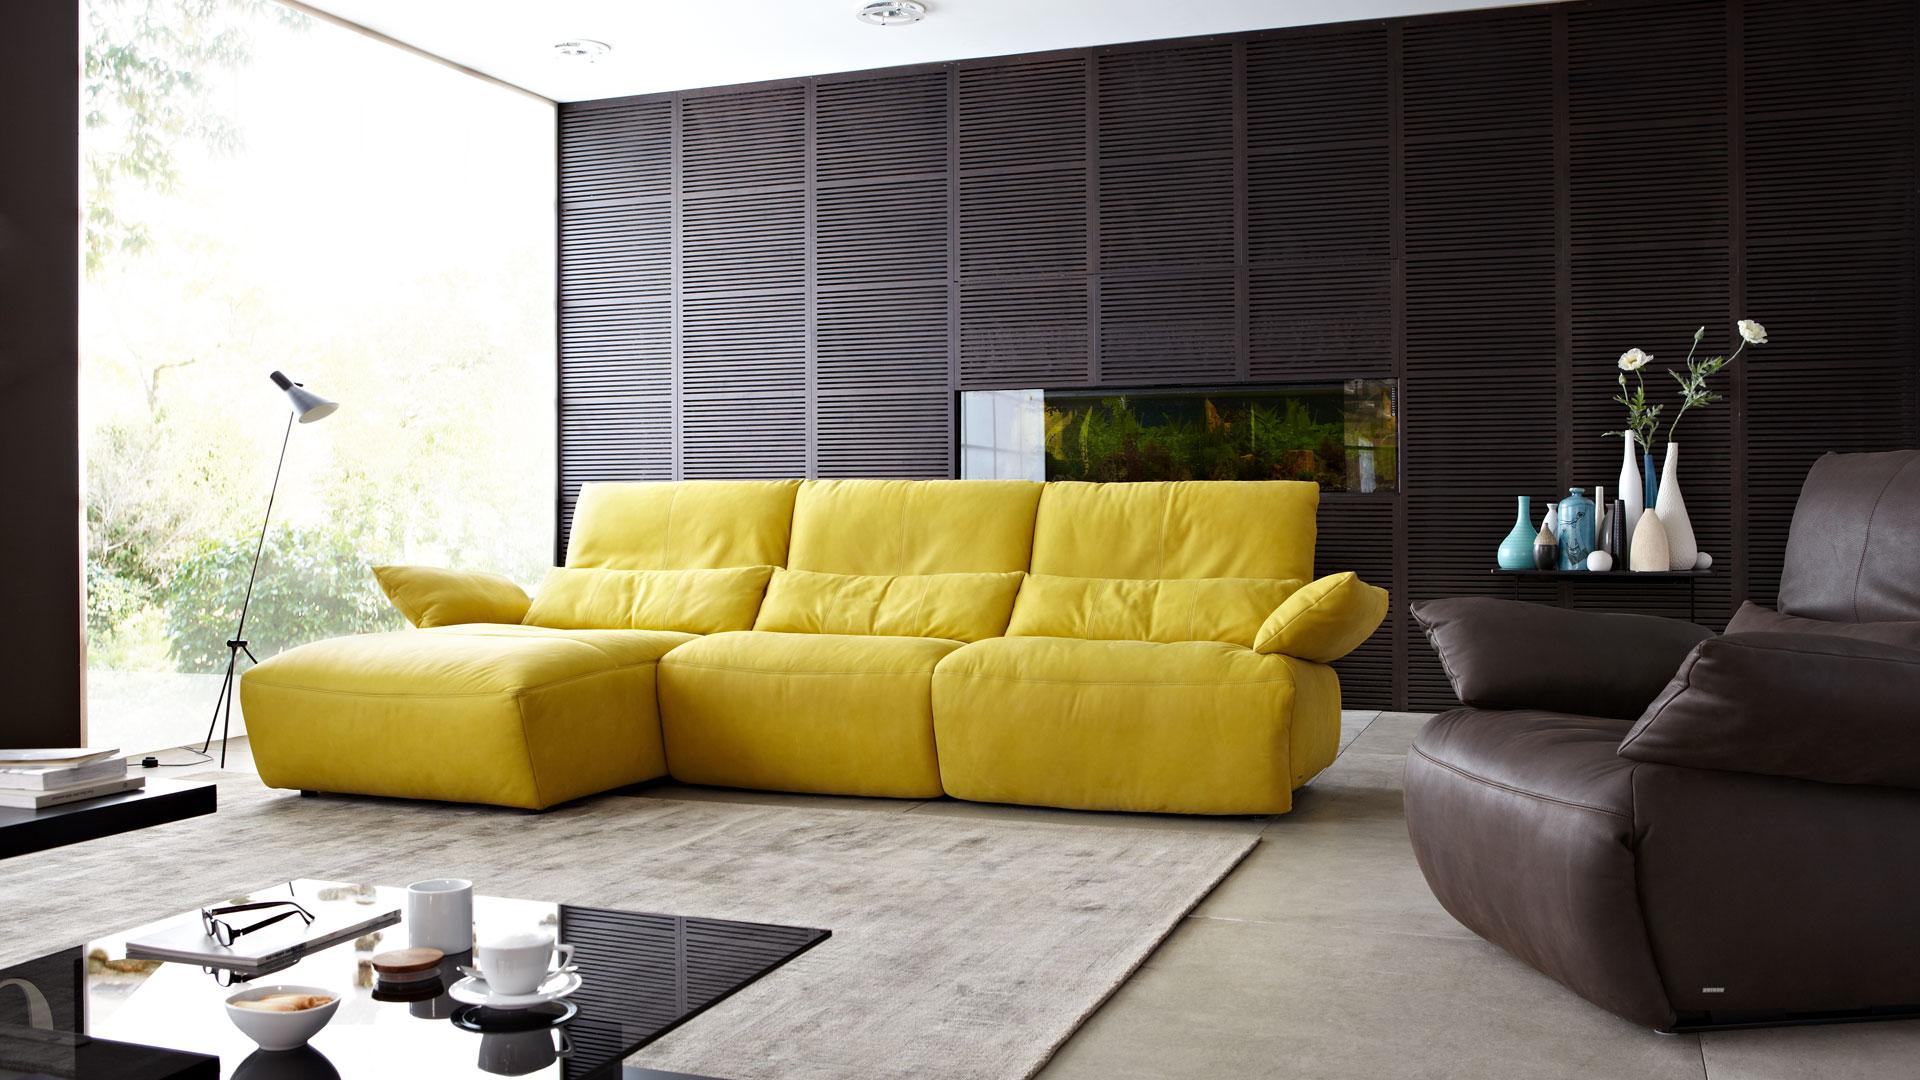 Full Size of Koinor Sofa Leder Francis Pflege Gebraucht Outlet Gera Couch Easy Husse Home Affaire Big Große Kissen Online Kaufen Schlaffunktion Großes Garnitur 2 Teilig Sofa Koinor Sofa